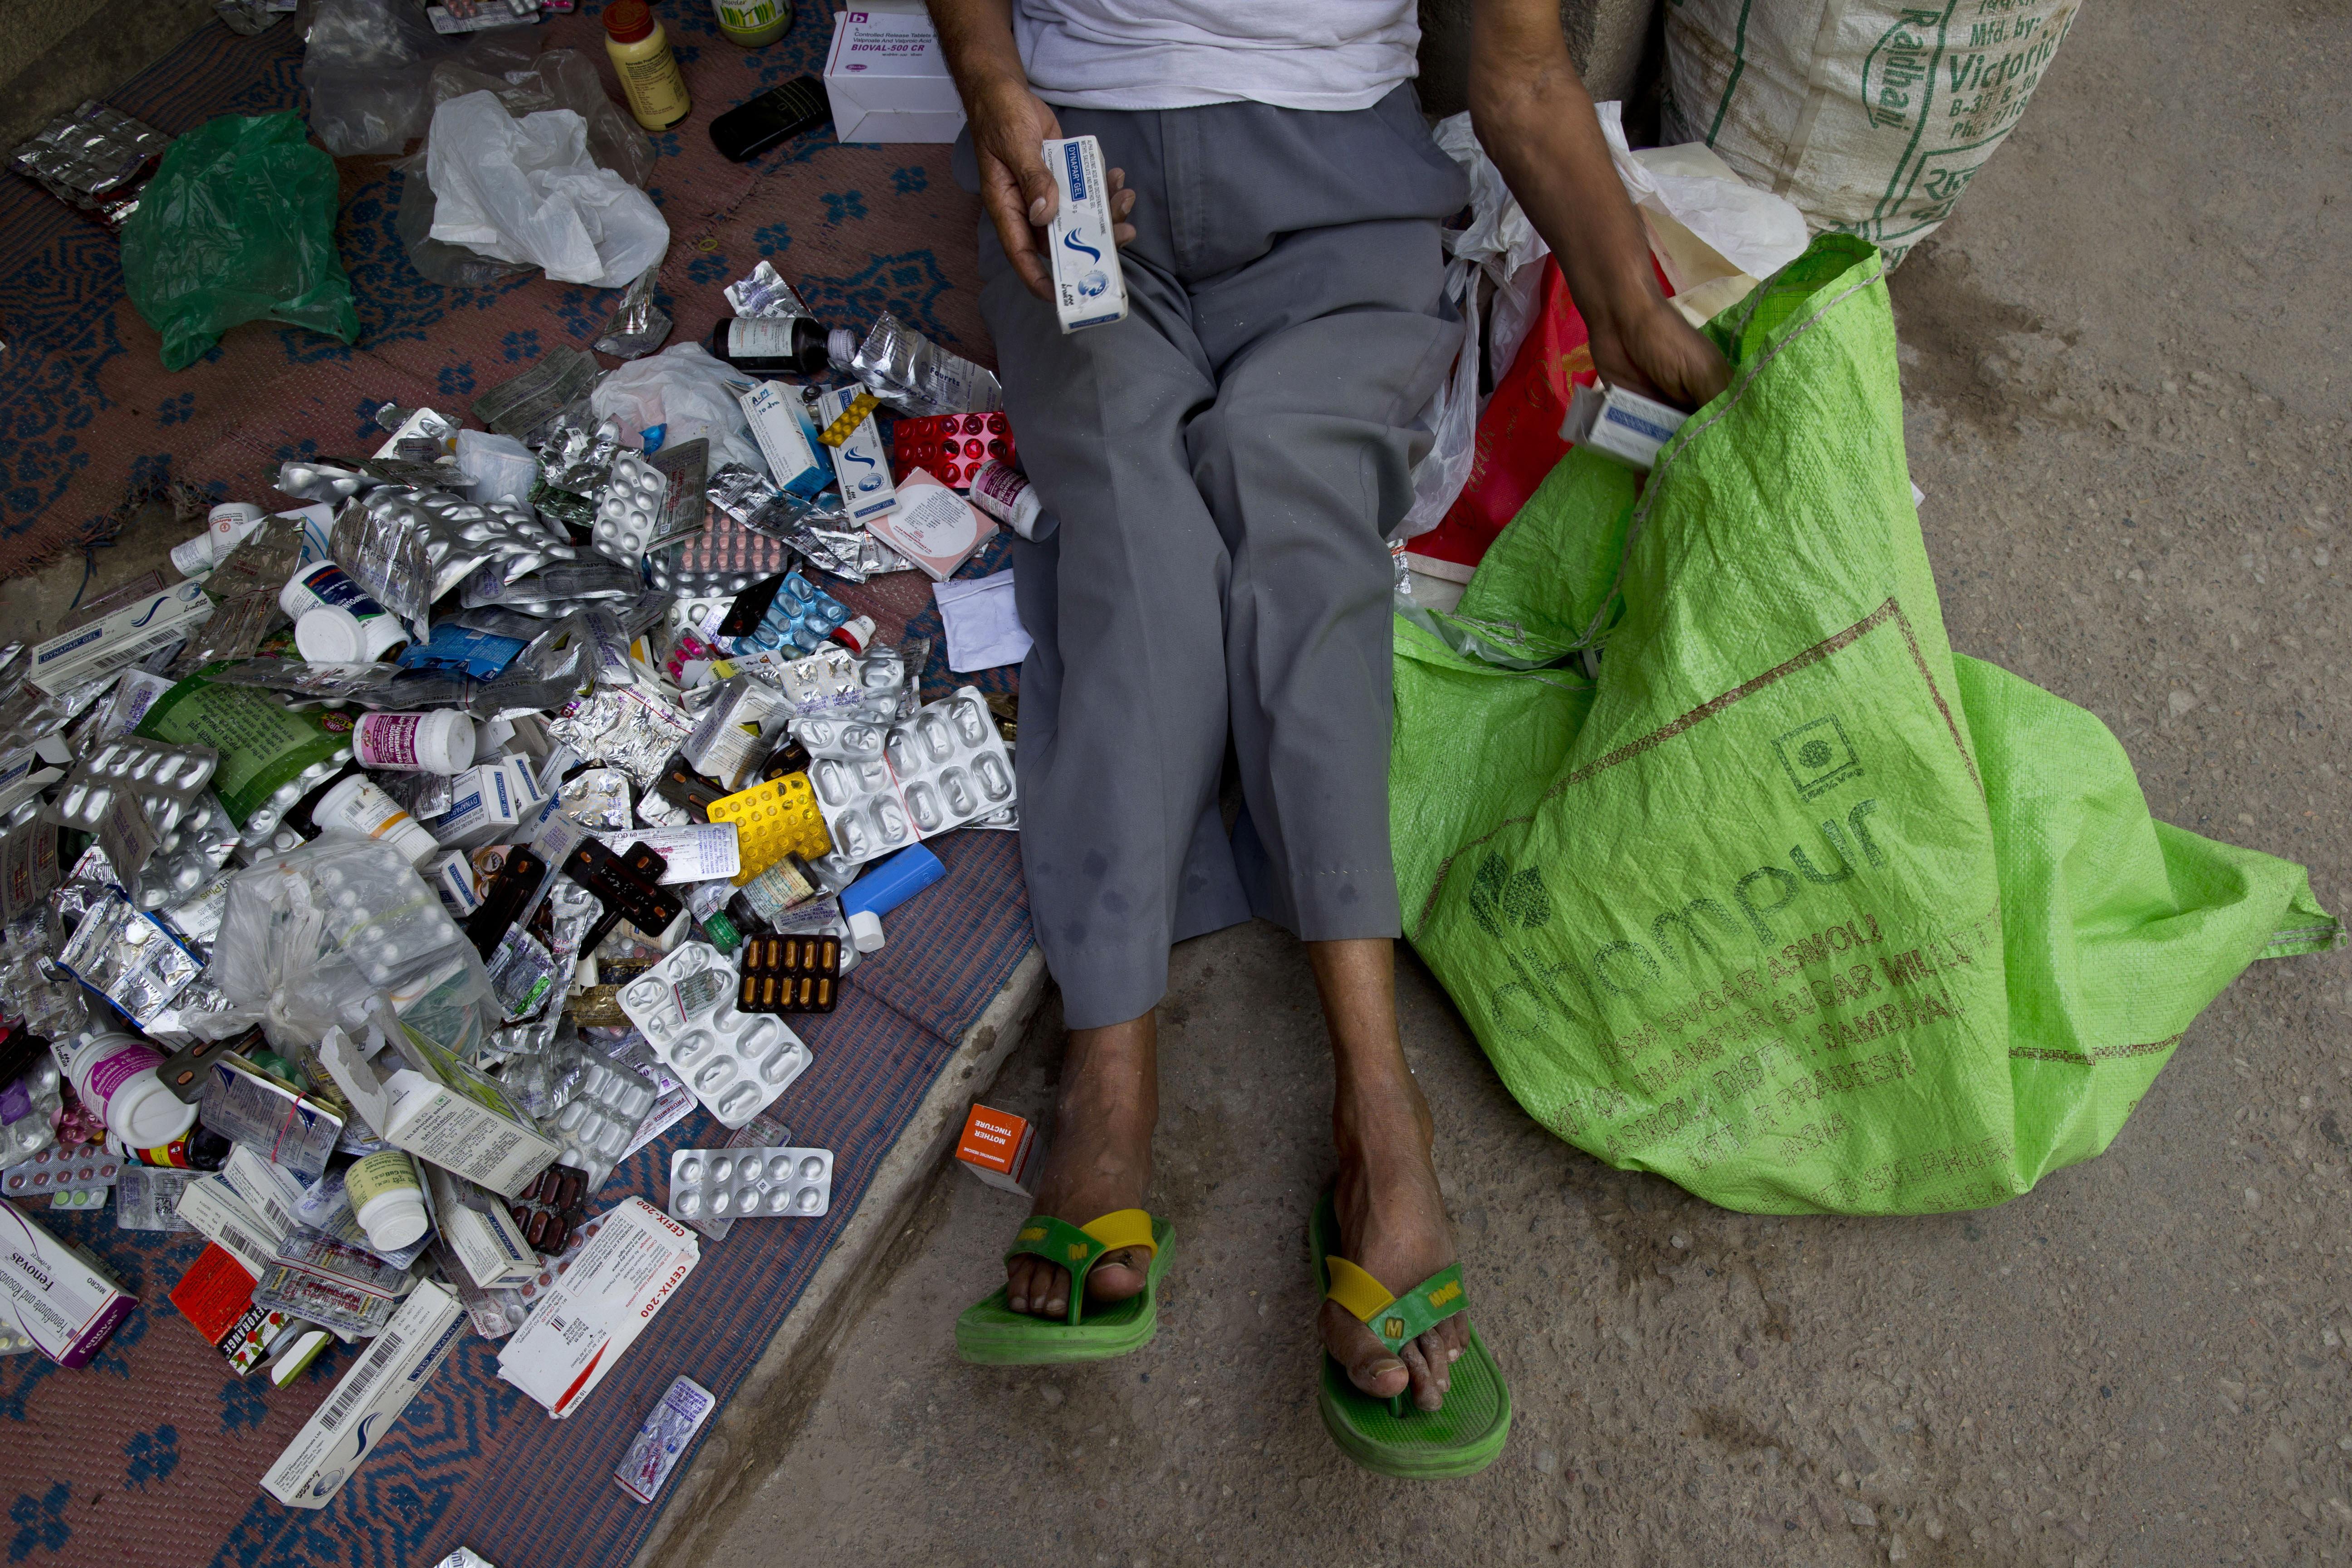 醫藥巴巴(Baba)翁卡納斯(Omkarnath)收集的藥品(美聯社)